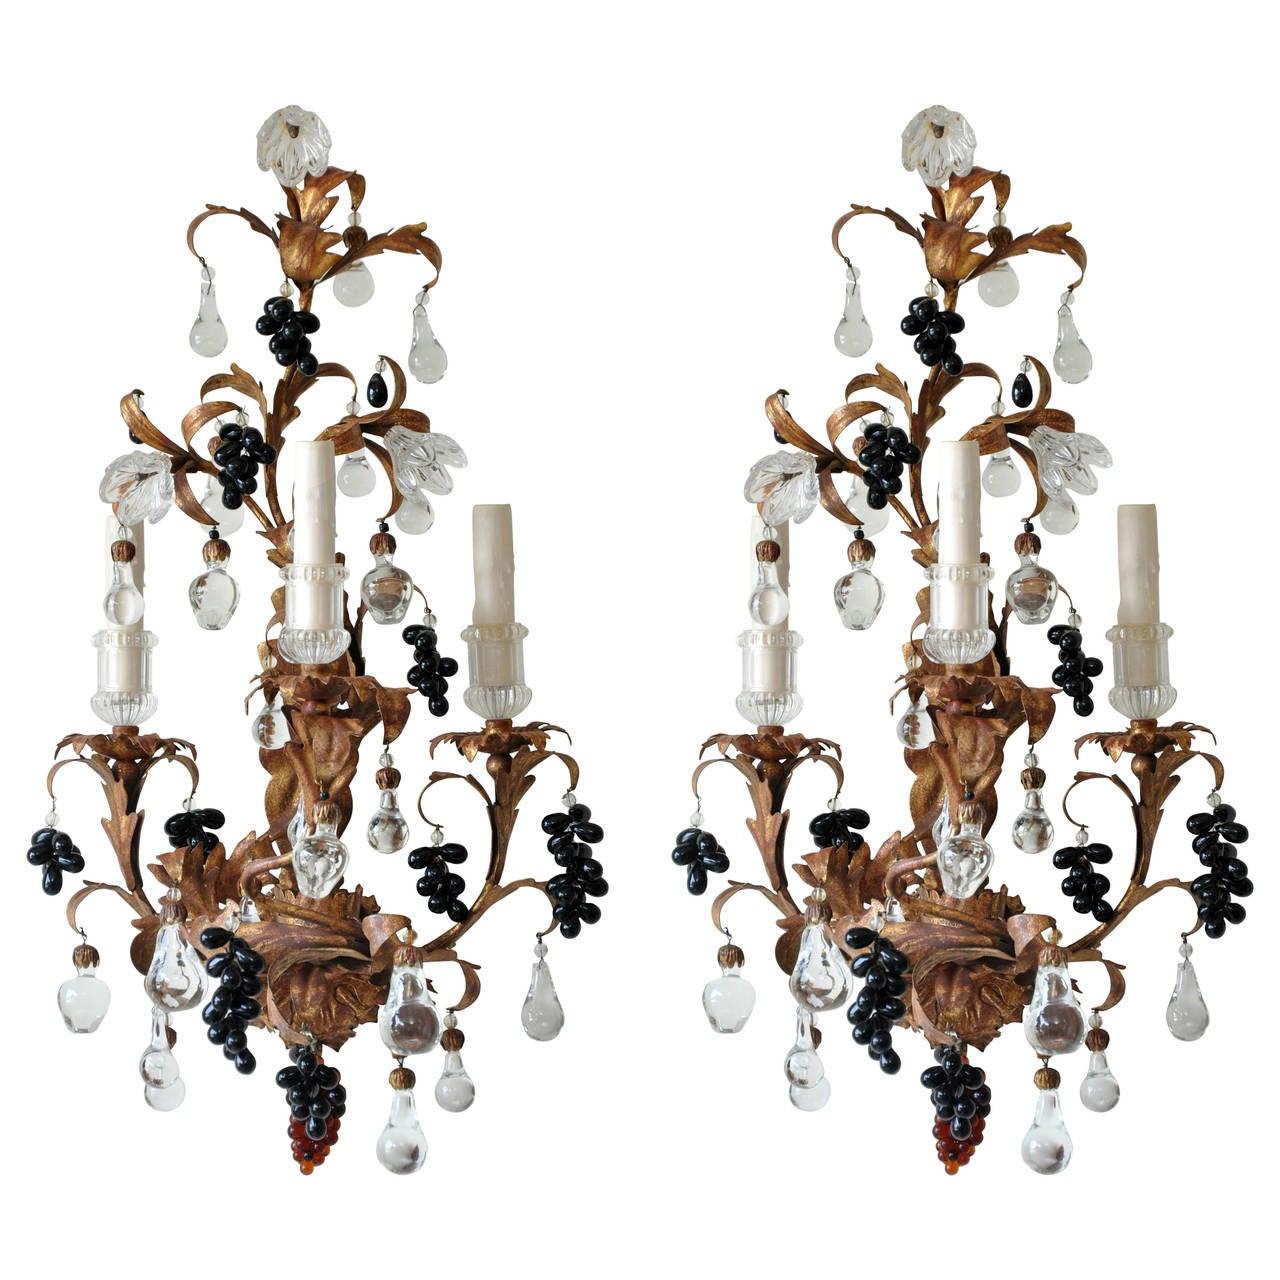 Paul Ferrante 19th Century Gilt Crystal Sconces For Sale